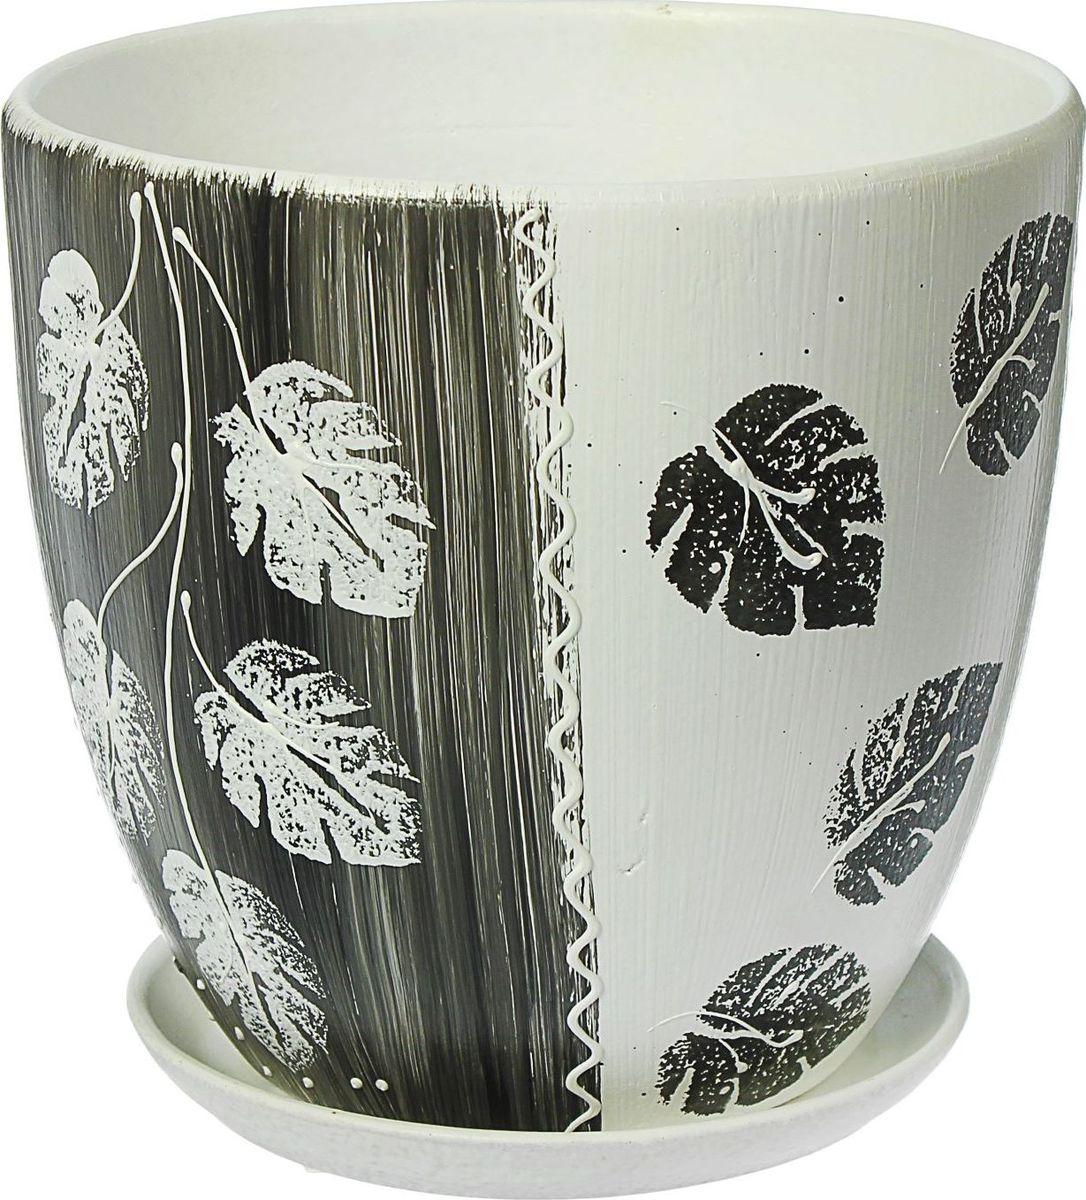 Кашпо Акварель, цвет: черный, белый, 4,8 л1437923Комнатные растения — всеобщие любимцы. Они радуют глаз, насыщают помещение кислородом и украшают пространство. Каждому из них необходим свой удобный и красивый дом. Кашпо из керамики прекрасно подходят для высадки растений: за счет пластичности глины и разных способов обработки существует великое множество форм и дизайнов пористый материал позволяет испаряться лишней влаге воздух, необходимый для дыхания корней, проникает сквозь керамические стенки! позаботится о зеленом питомце, освежит интерьер и подчеркнет его стиль.